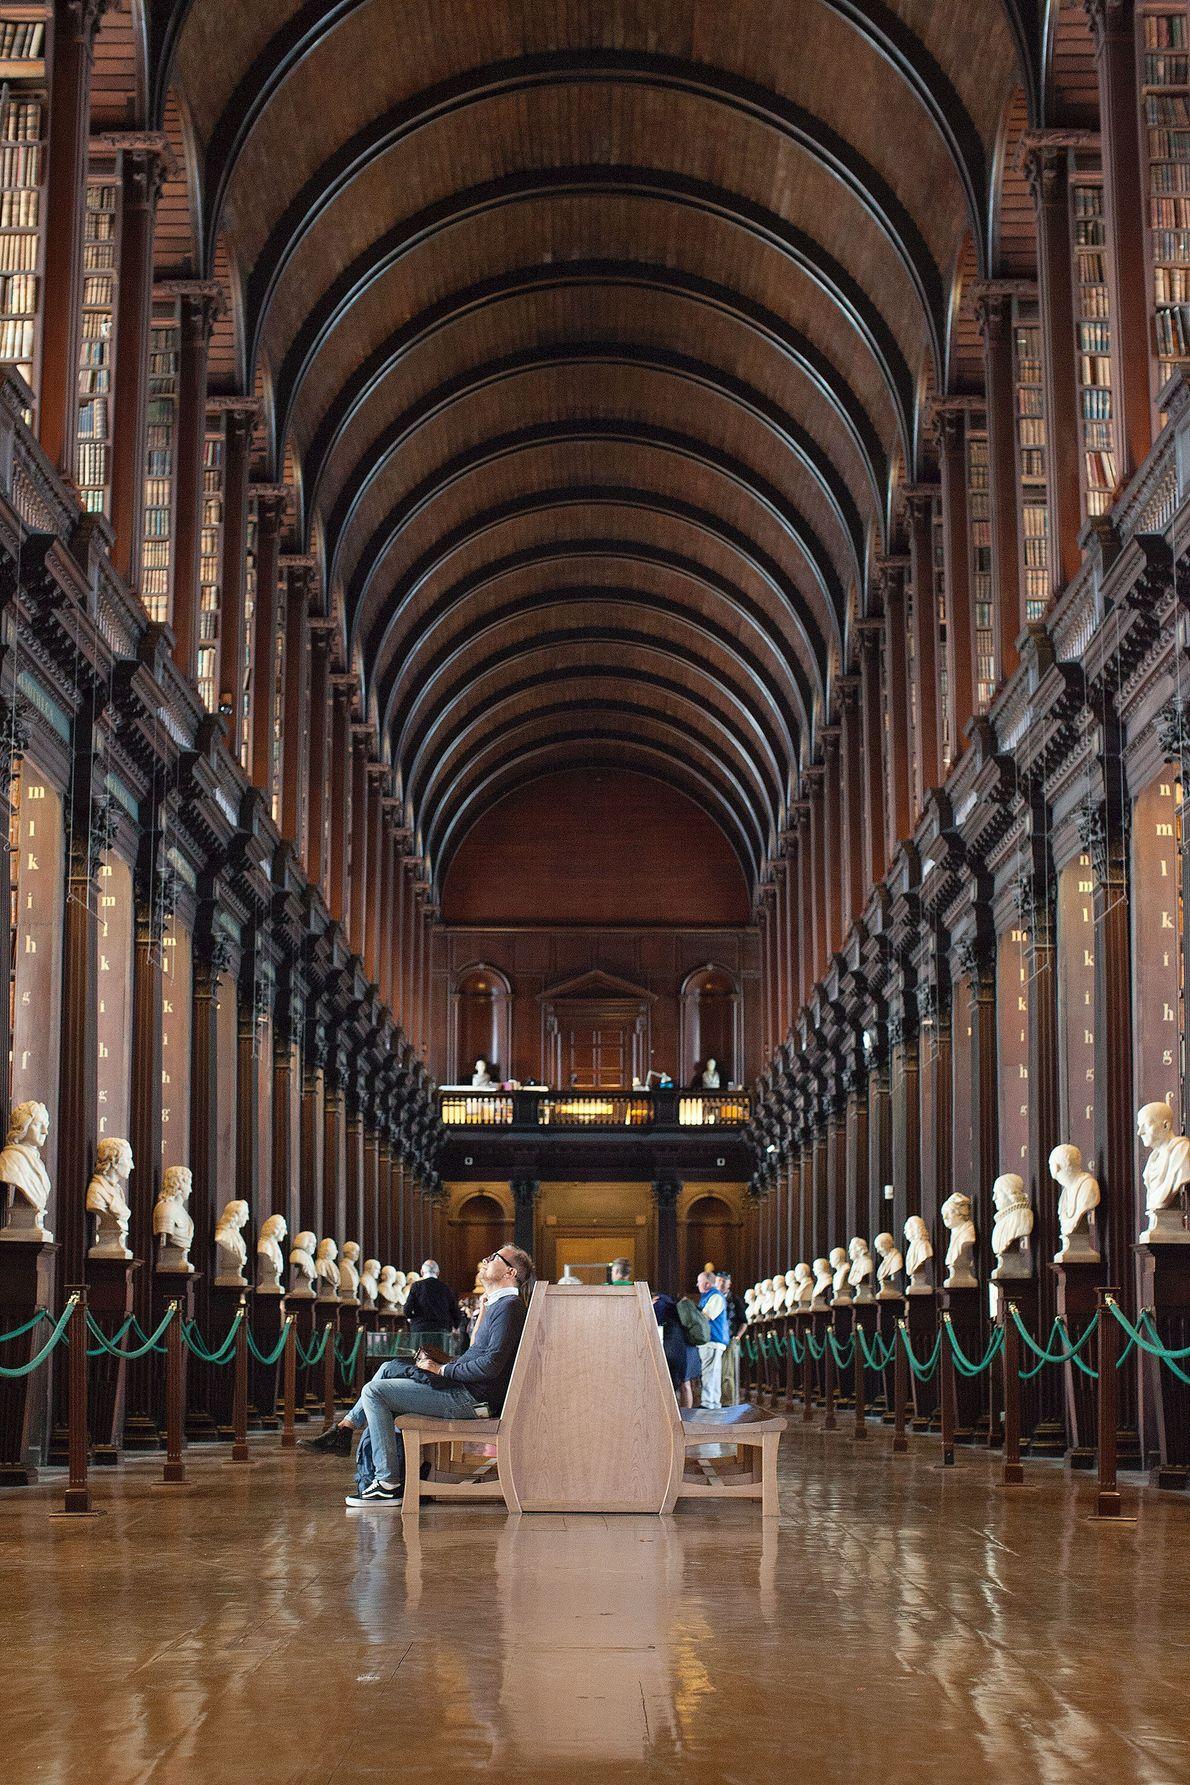 Dans la libraire Trinity College, The Long Room s'étale sur environ 60 mètres de long et ...